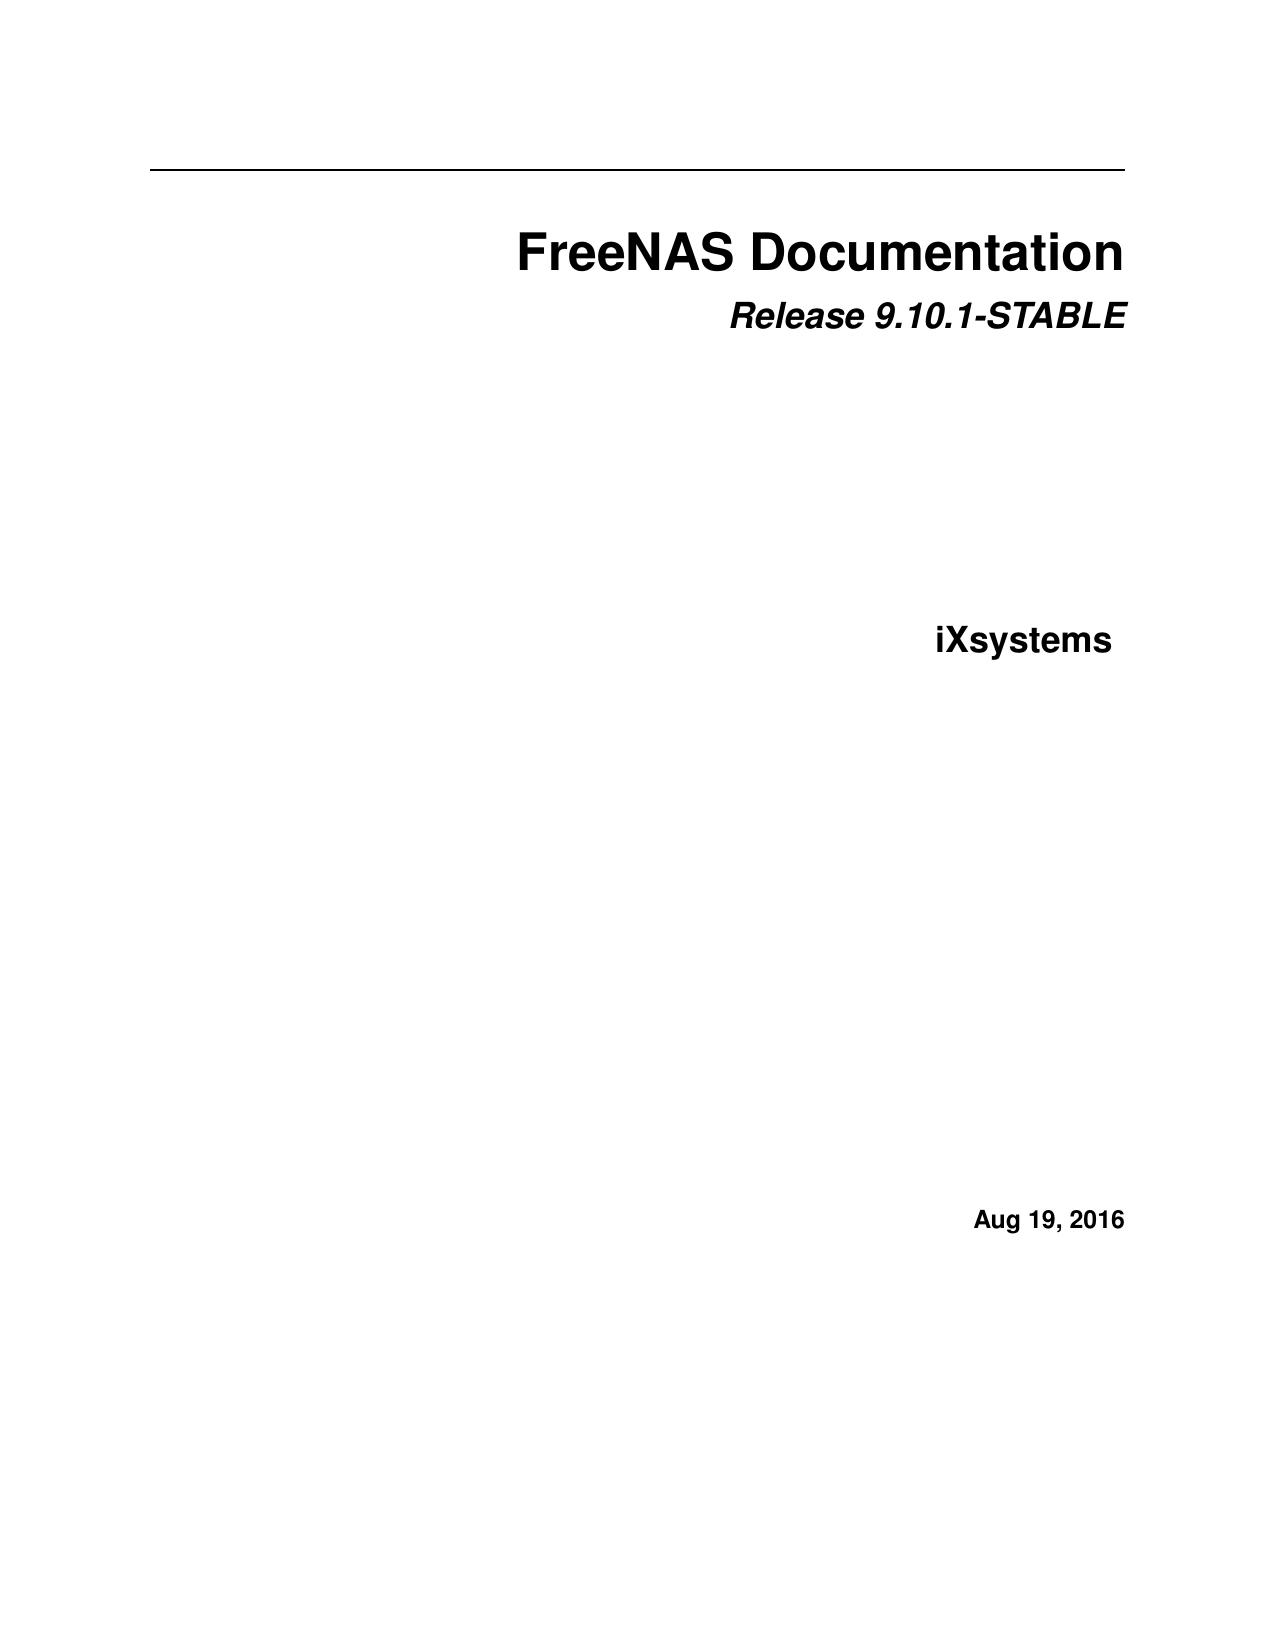 FreeNAS Documentation | manualzz com